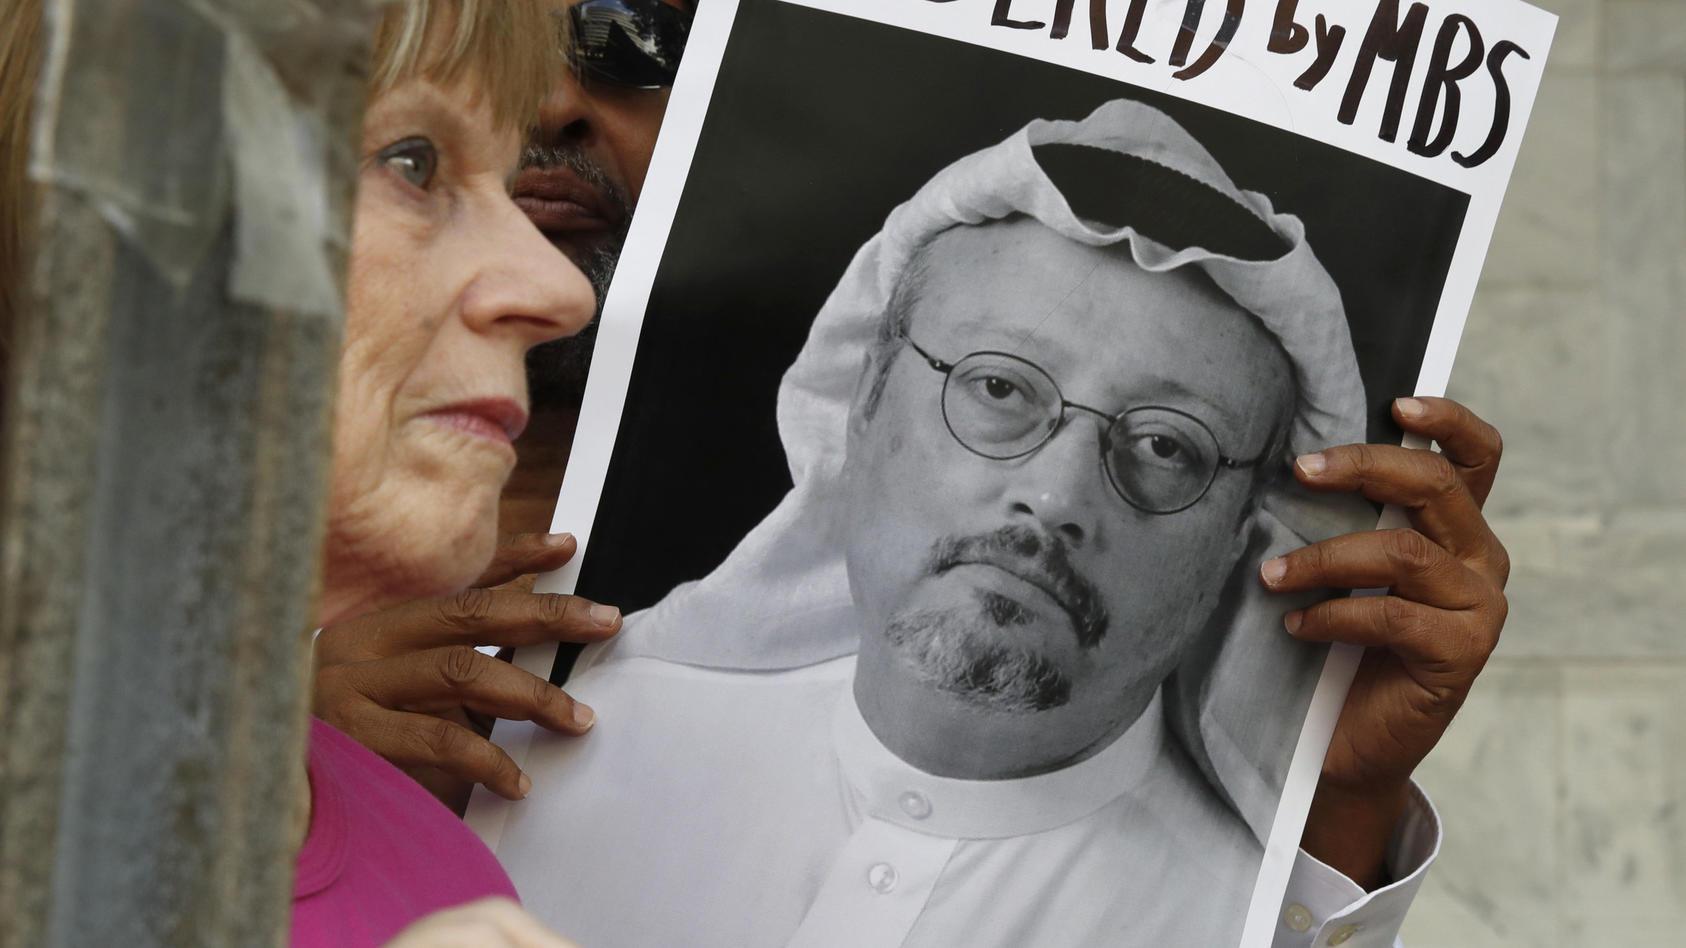 Khashoggi's Apple-Watch könnte die Vorfälle im saudi-arabischen Konsulat aufgezeichnet haben.